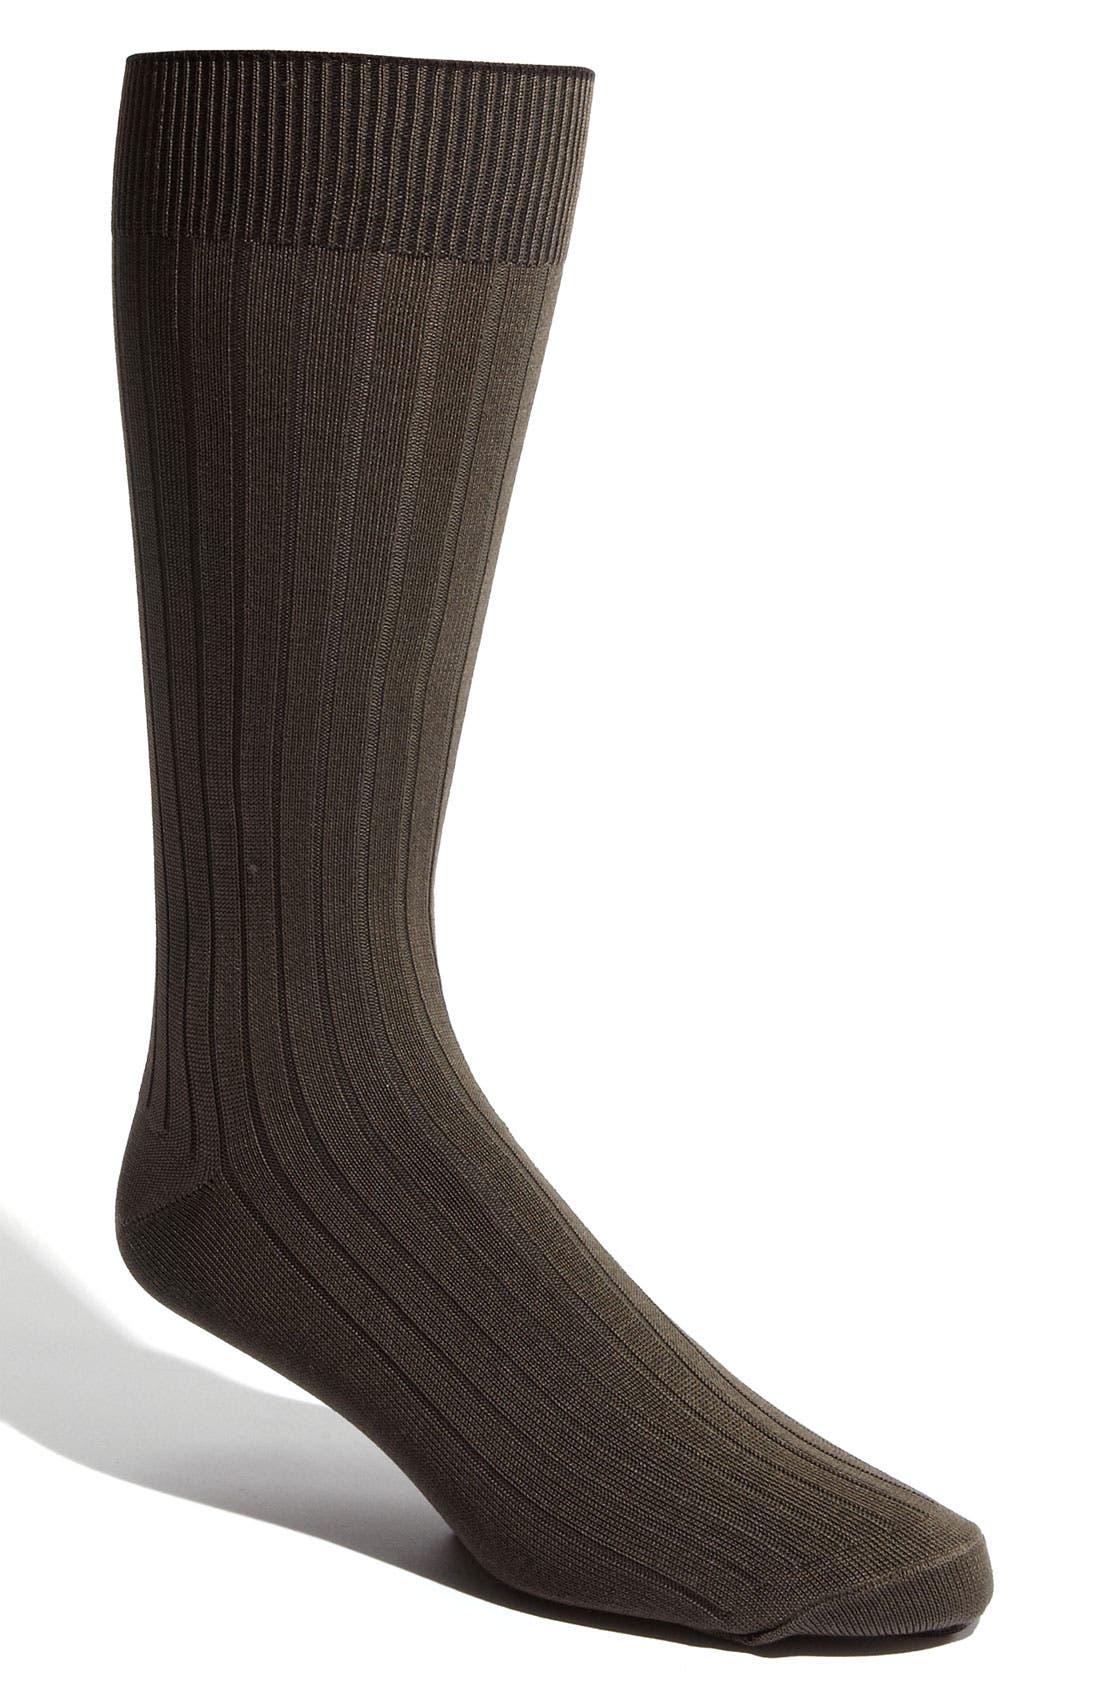 Cotton Blend Socks,                         Main,                         color, Olive